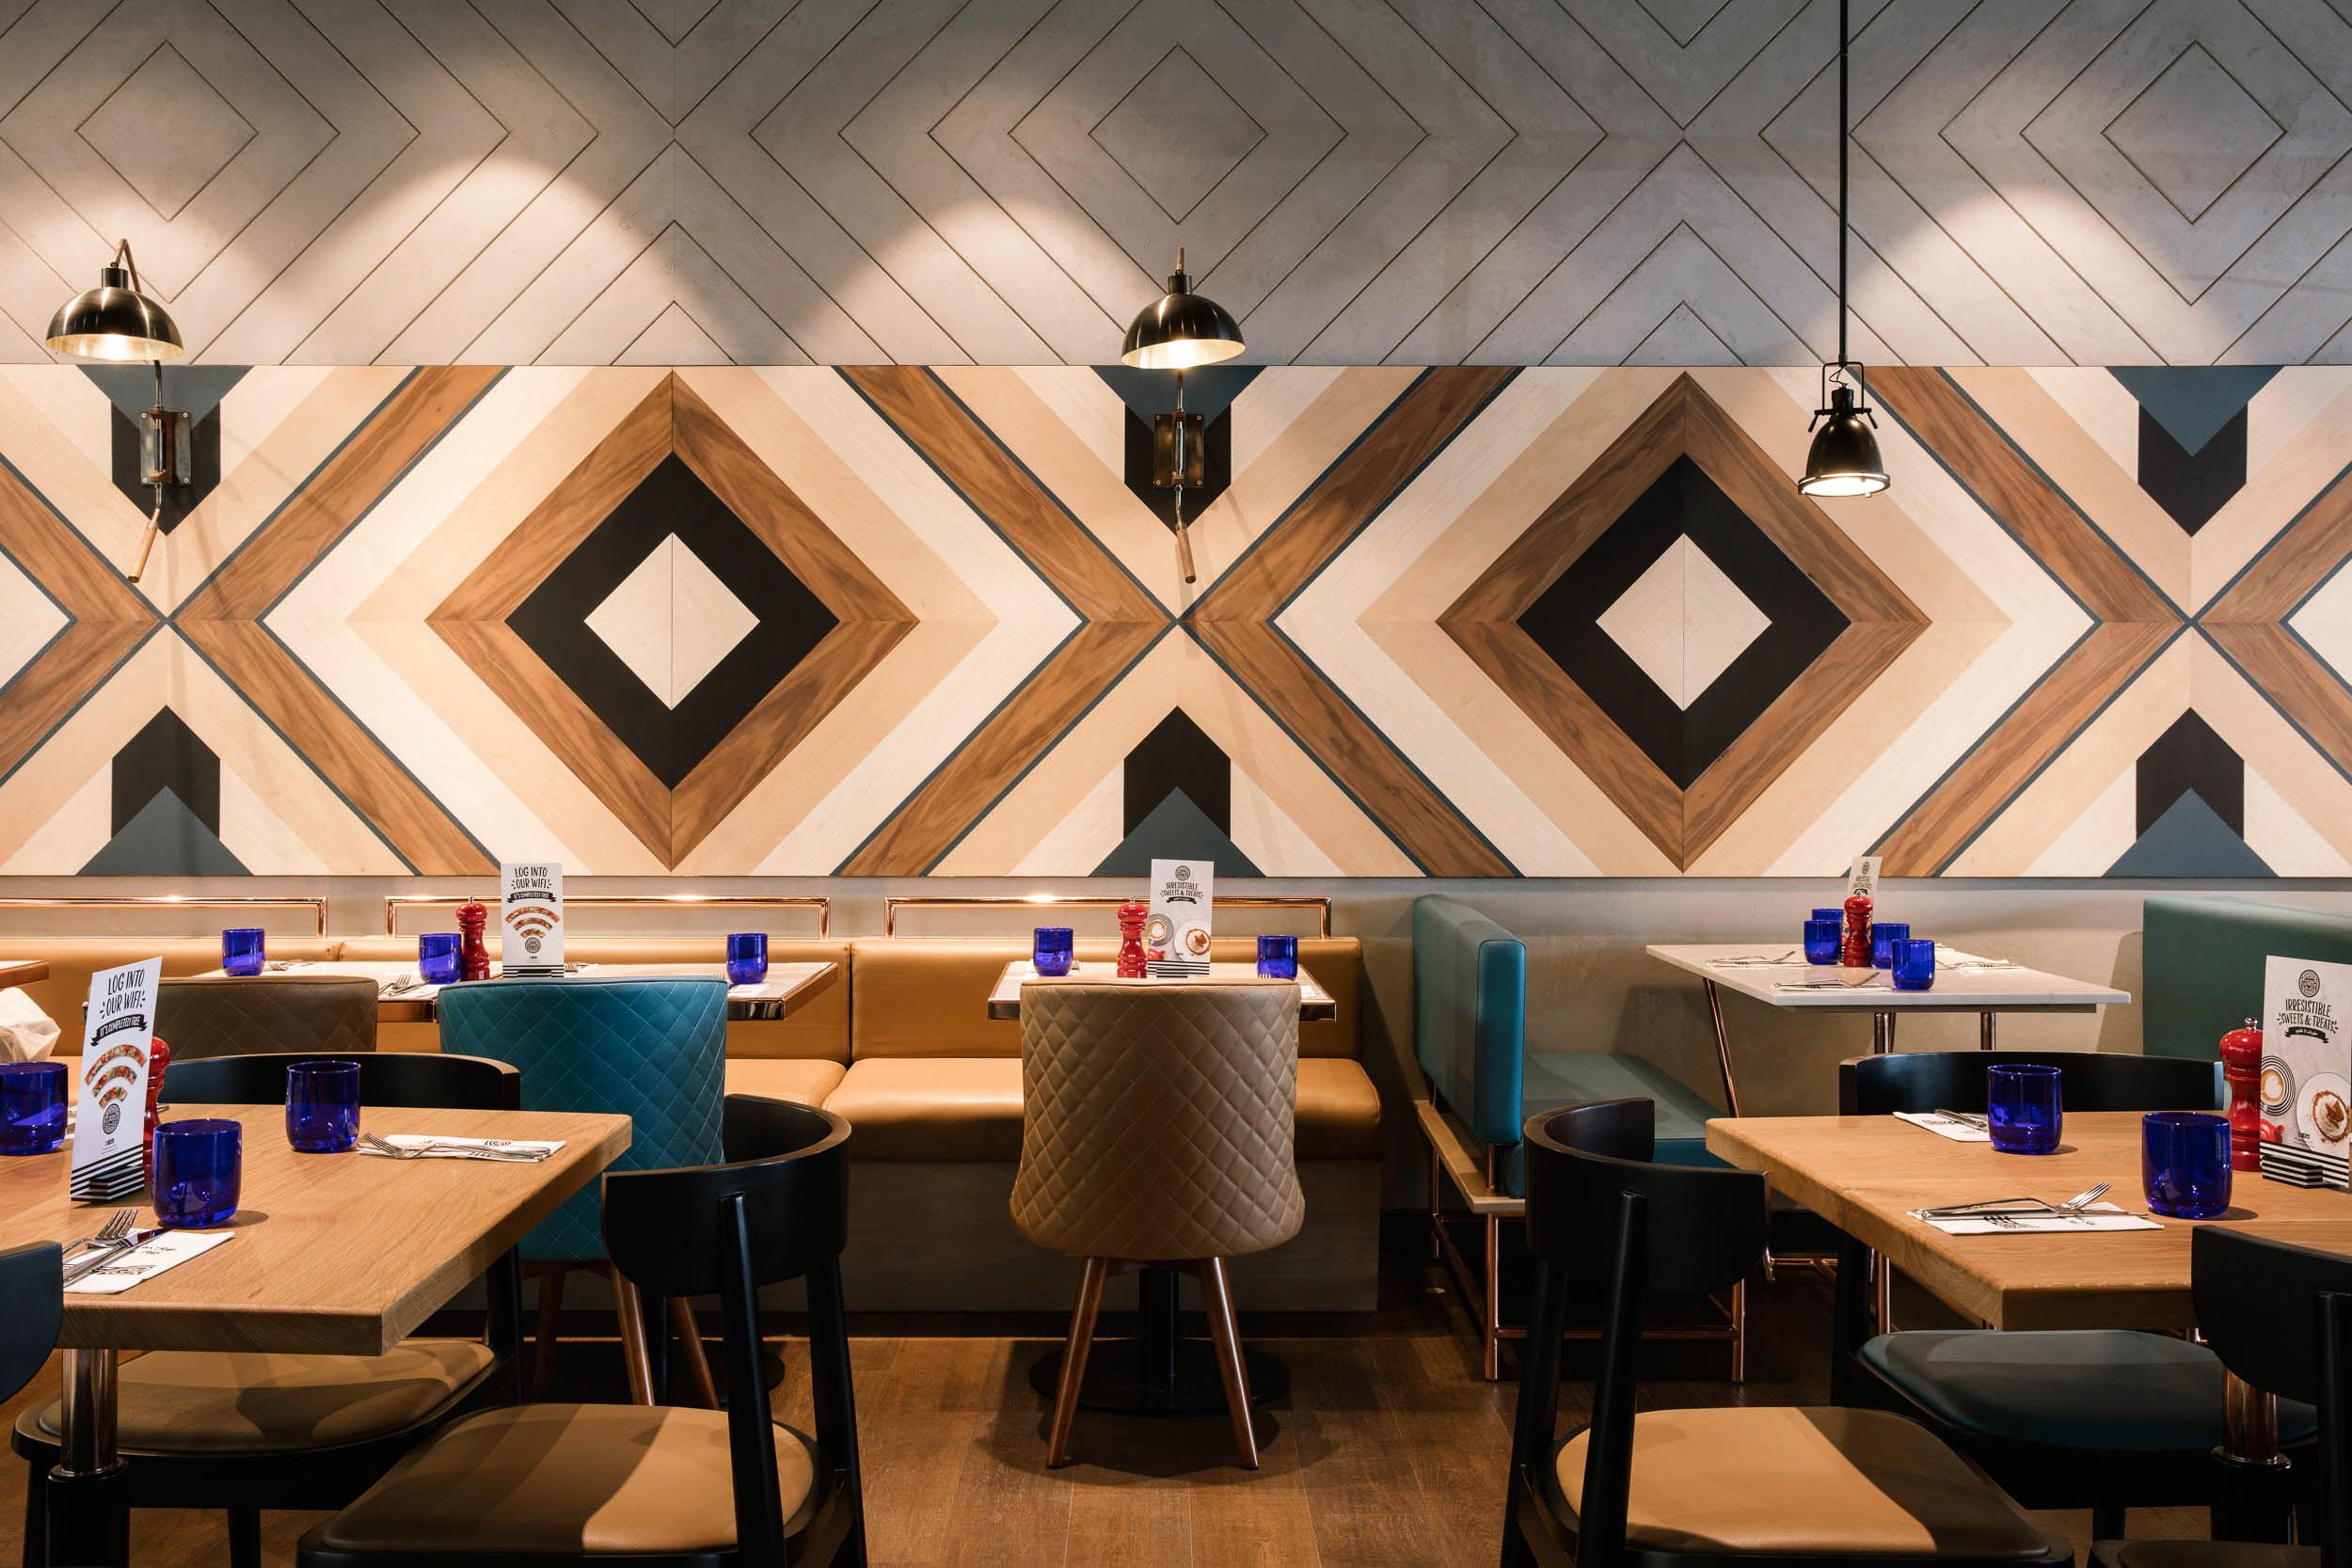 PizzaExpress-Luxury Interior Design UAE